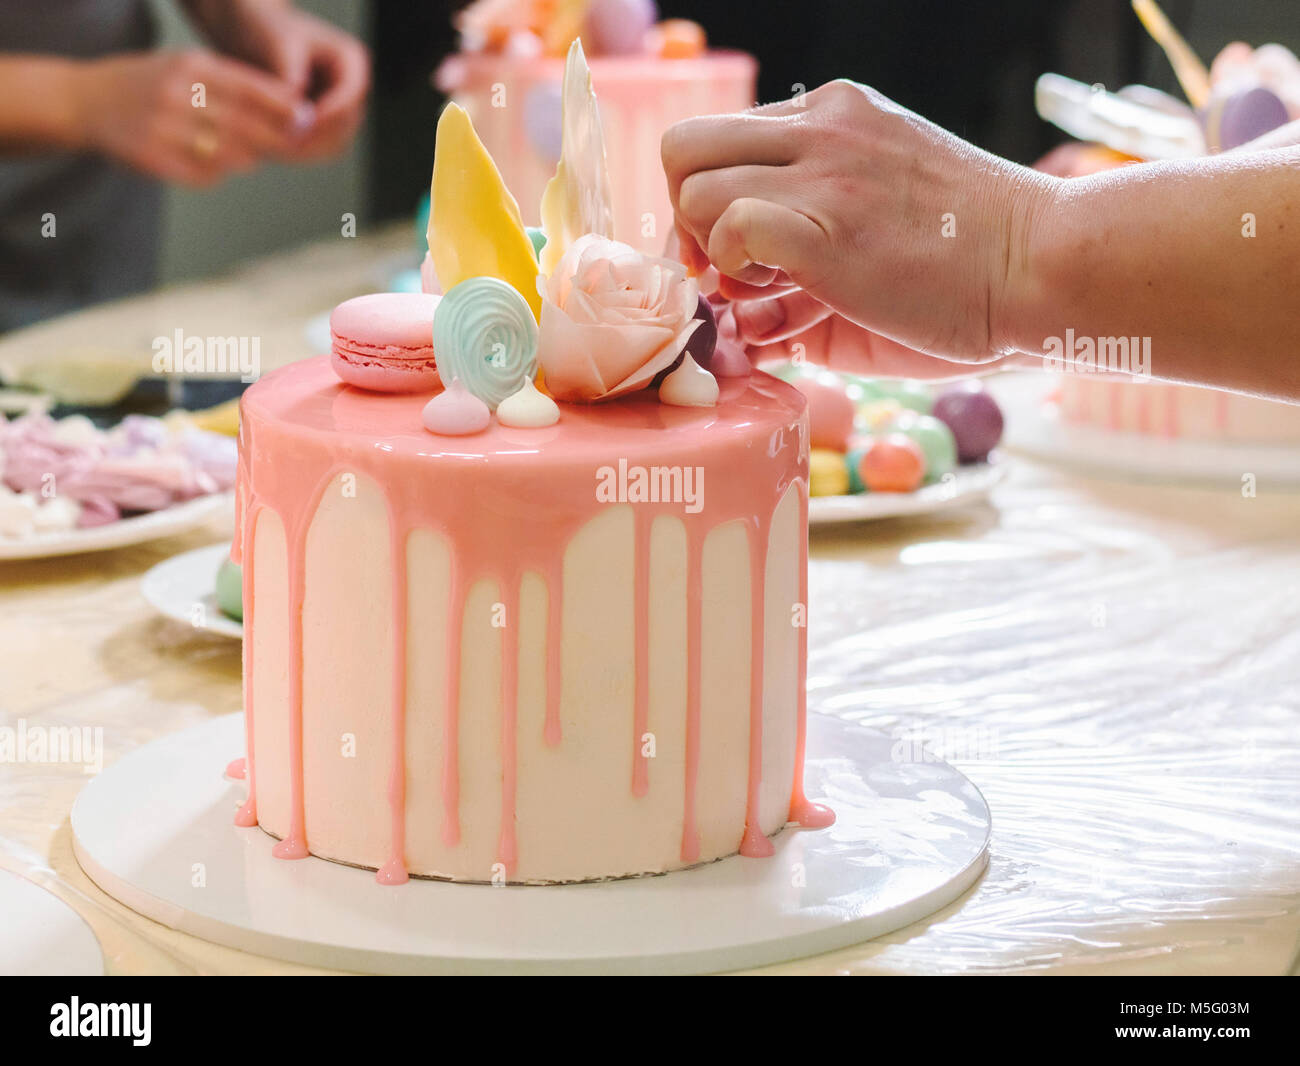 Nicht Erkennbare Frau Dekorieren Mousse Kuchen Glasur Hande Detail